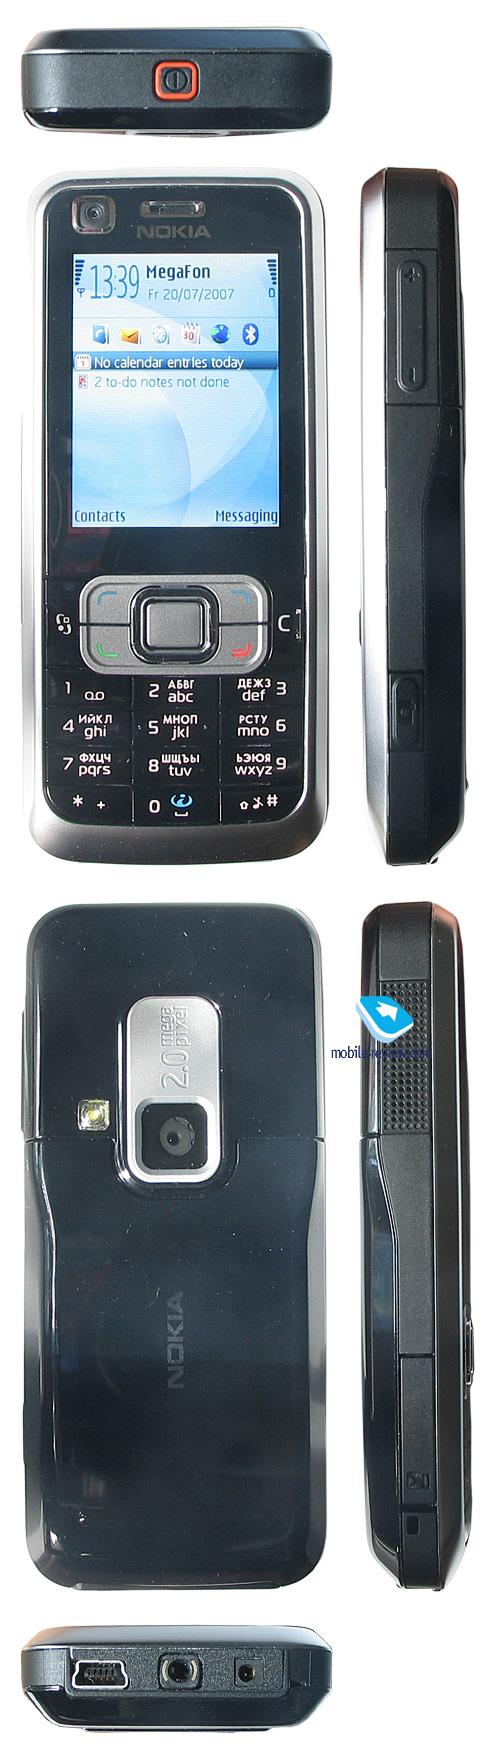 Nokia 6233 - ��������, �������, ����� ������� - �������! - Helpix